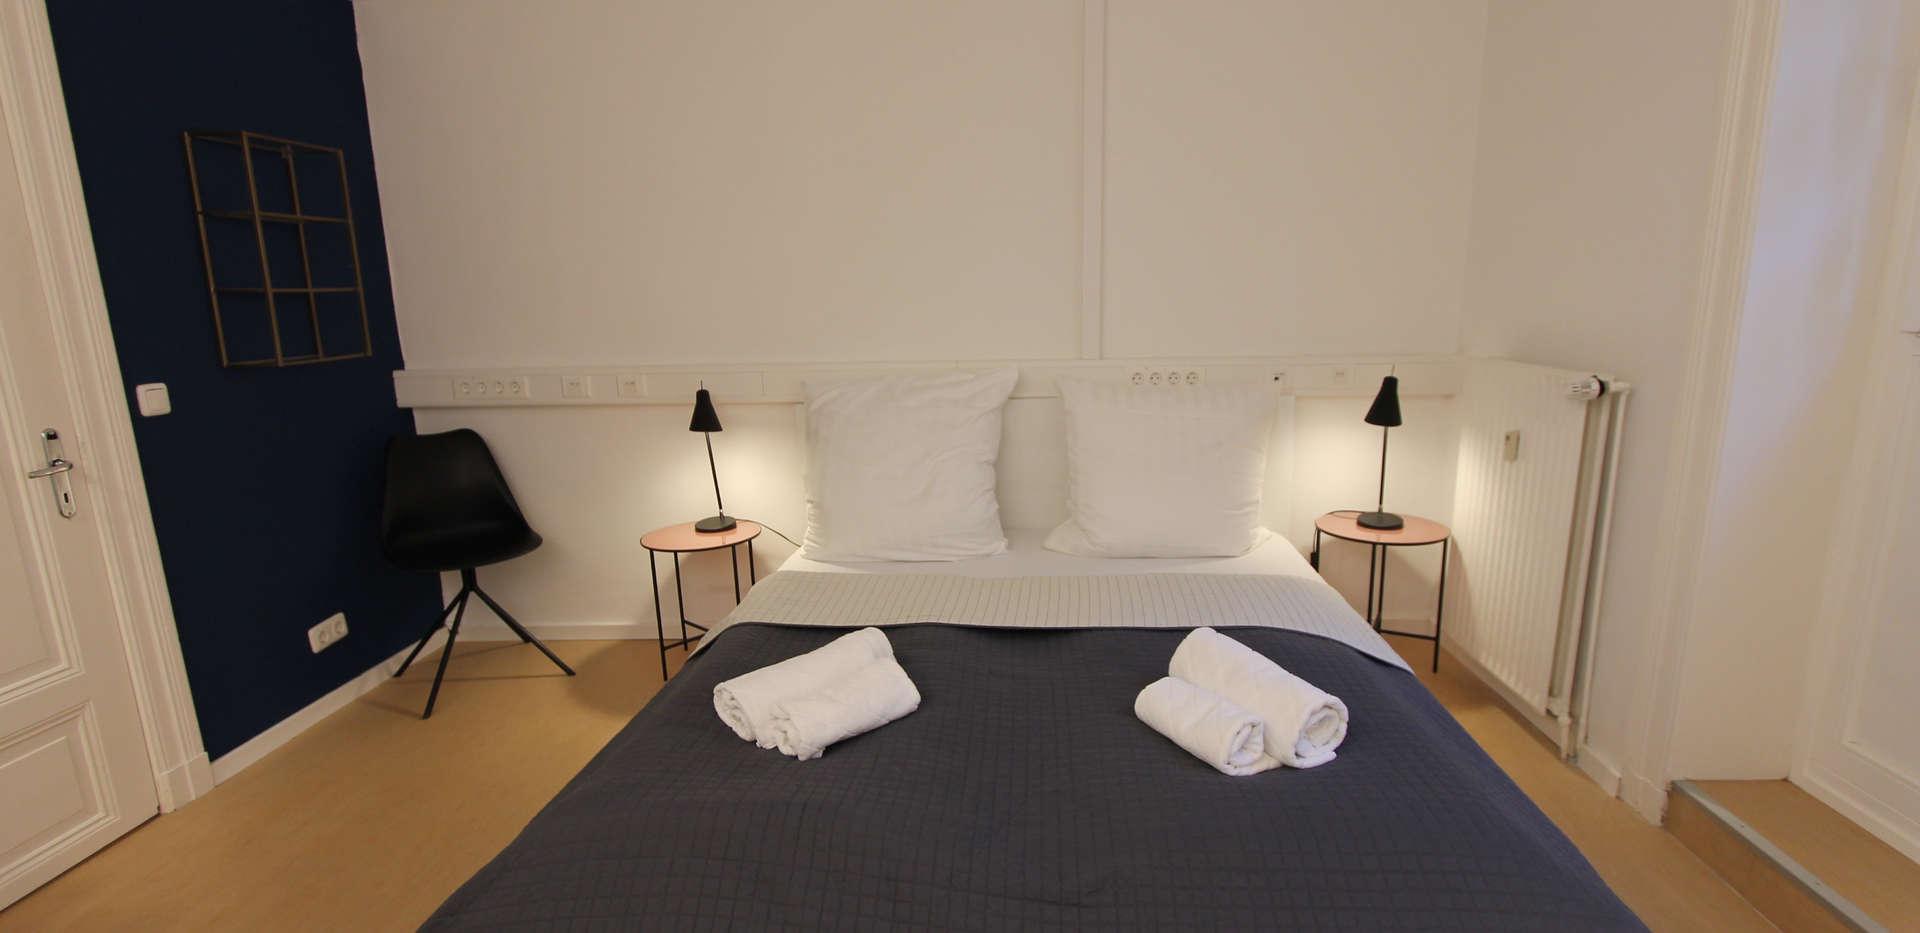 Schlafzimmer 3 von 4